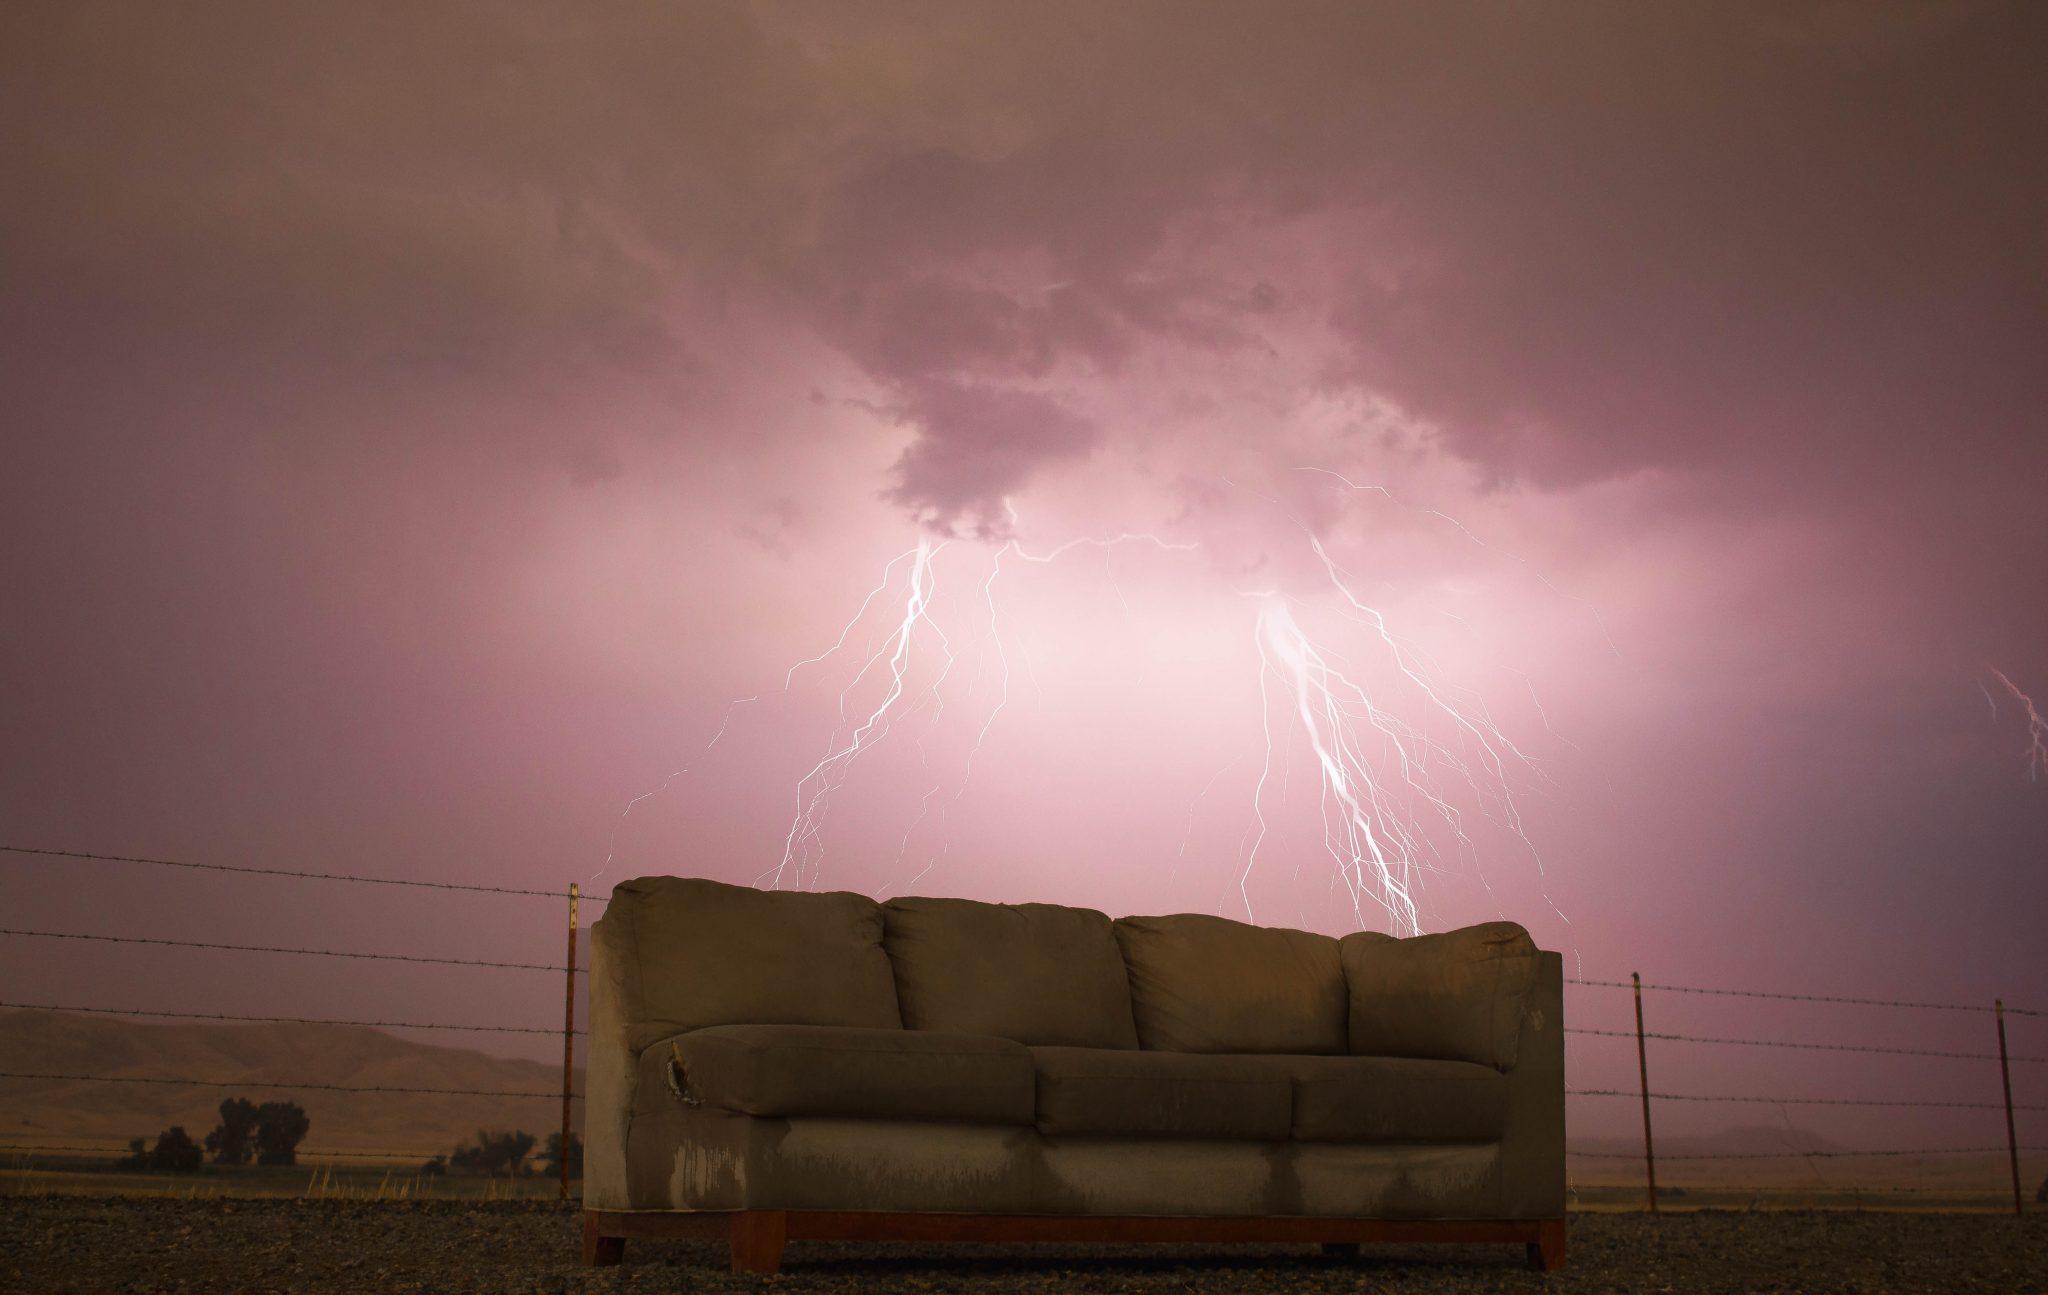 Un divano made in Puglia sotto il temporale.